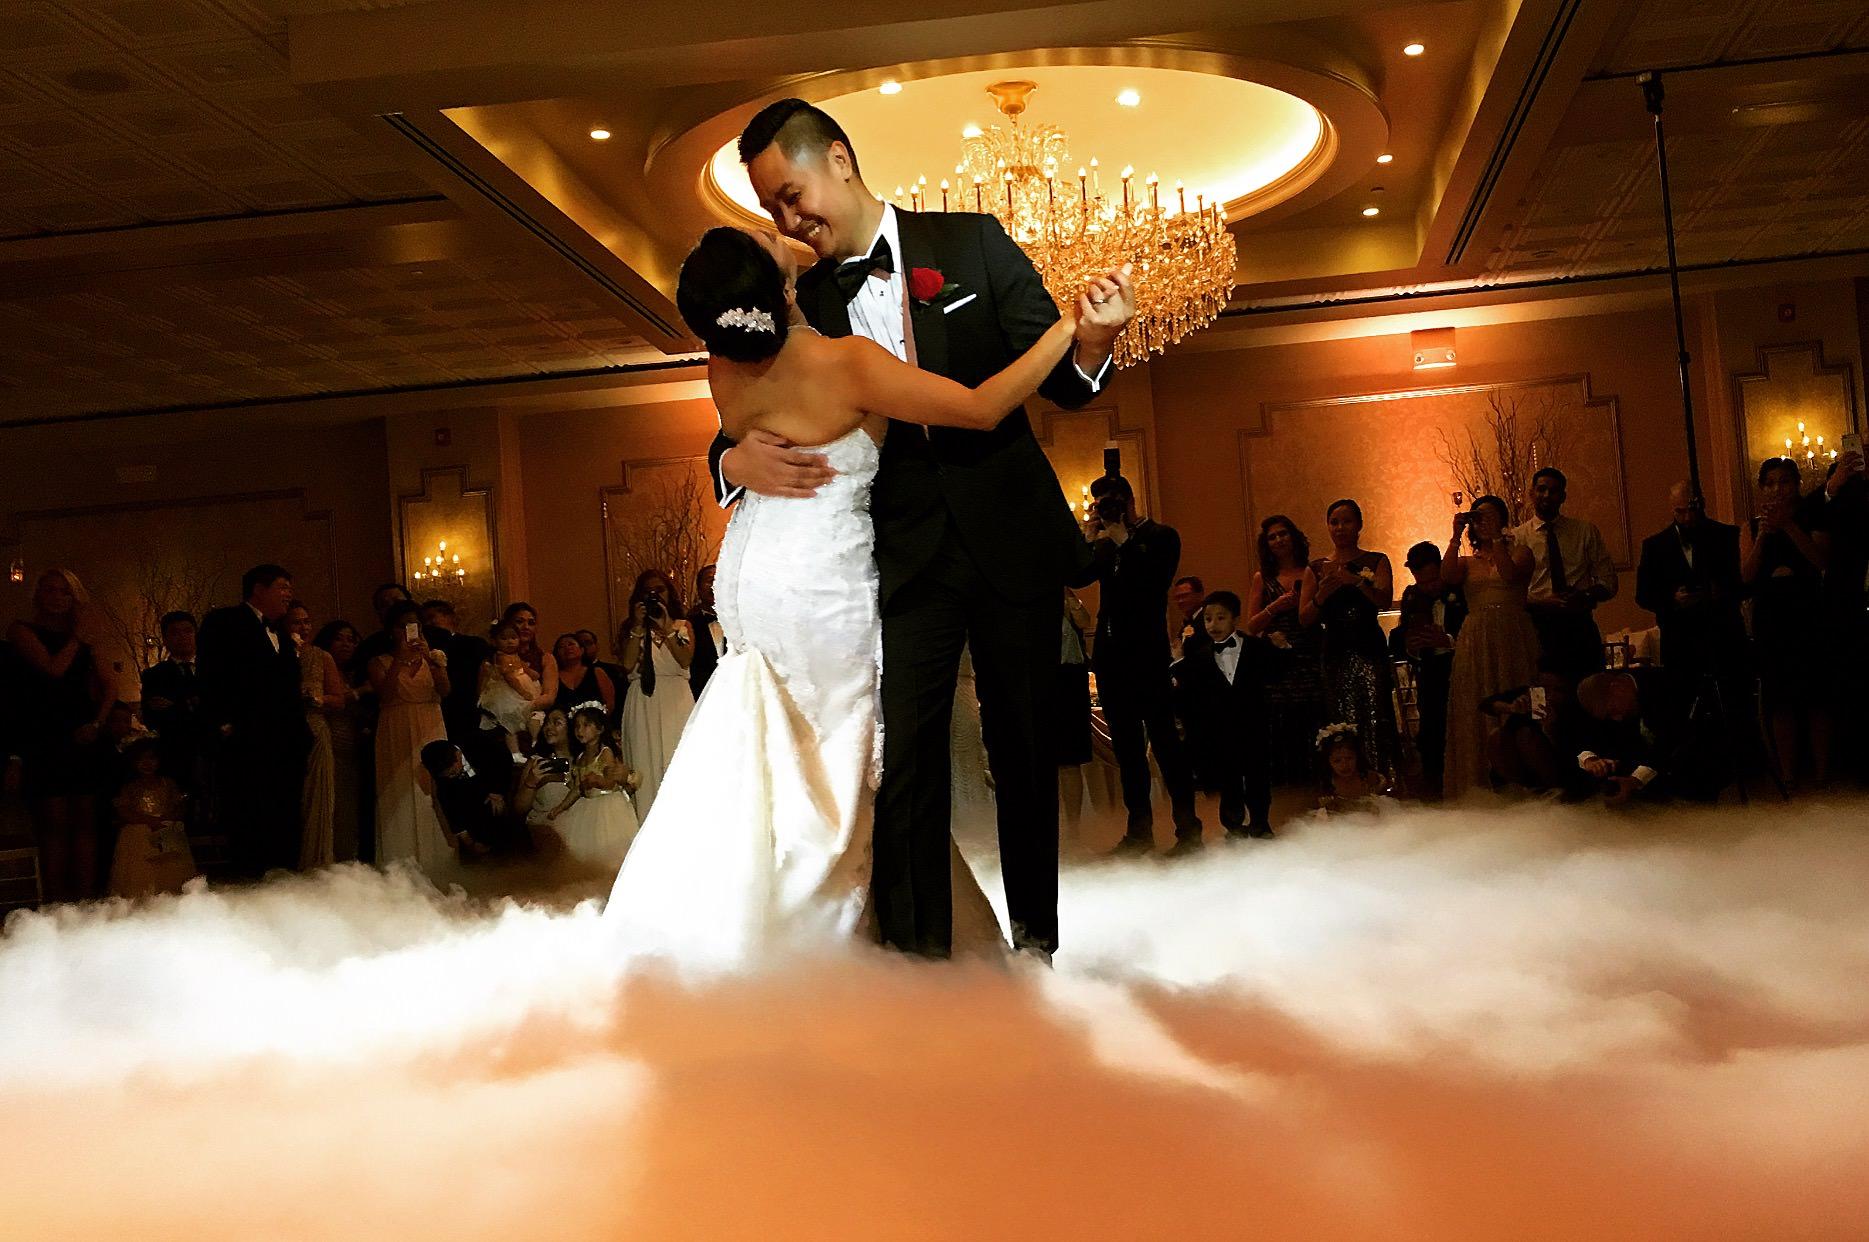 Best Wedding DJs in NJ